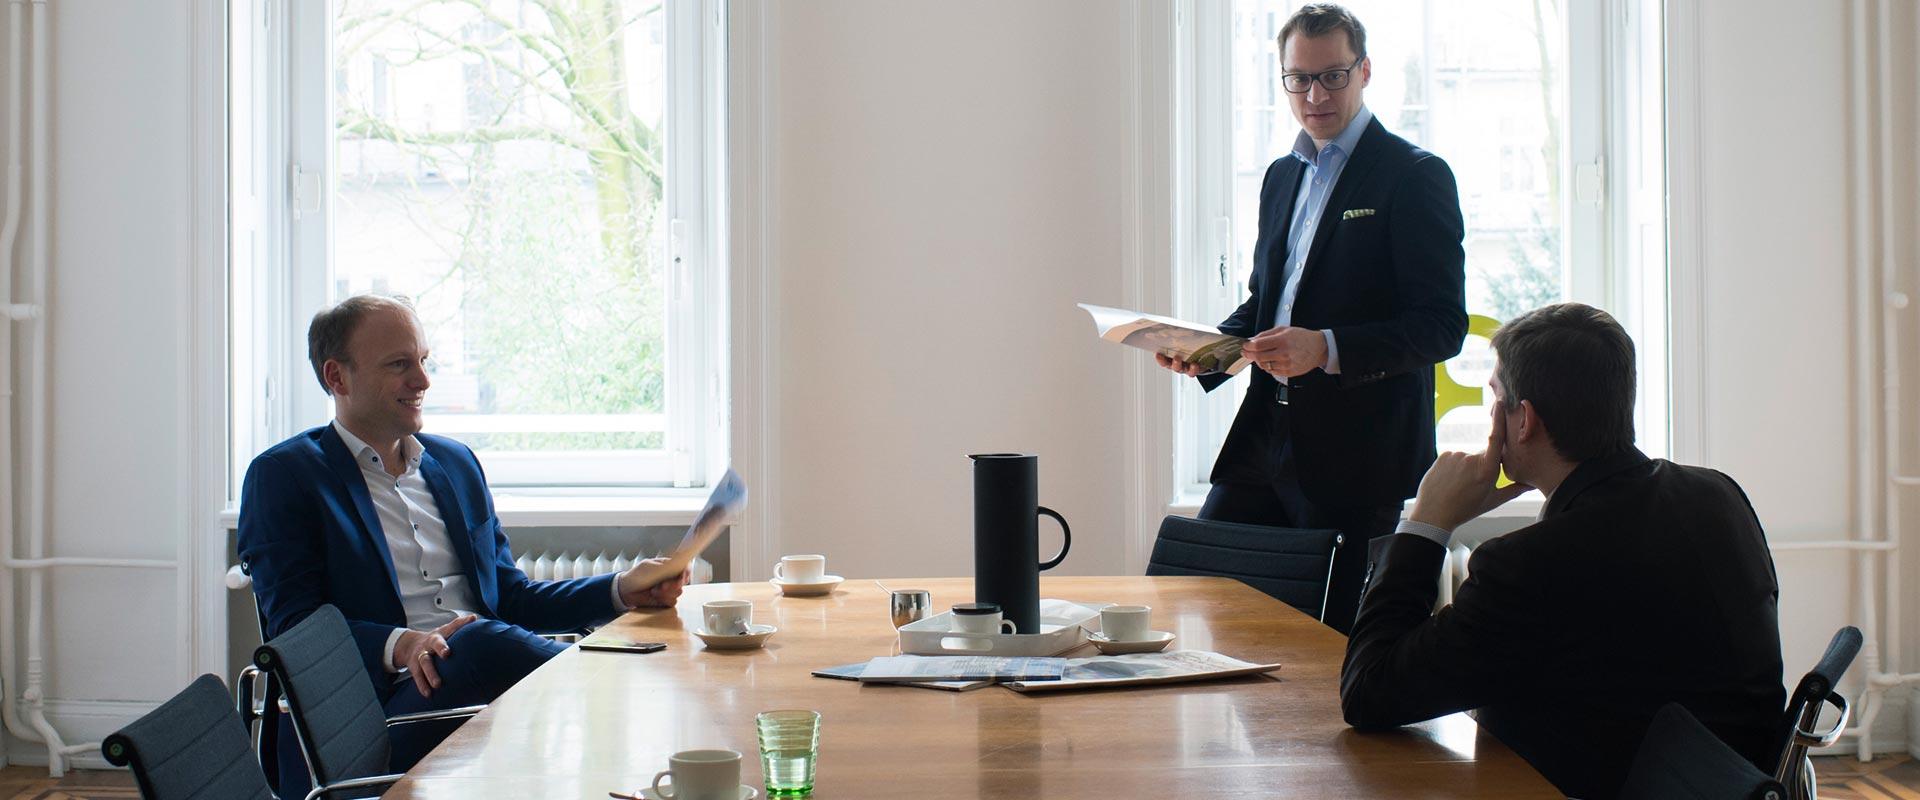 Sagawe und Klages Anwaltskanzlei Beratung von Unternehmen am Bürotisch mit Anwälten